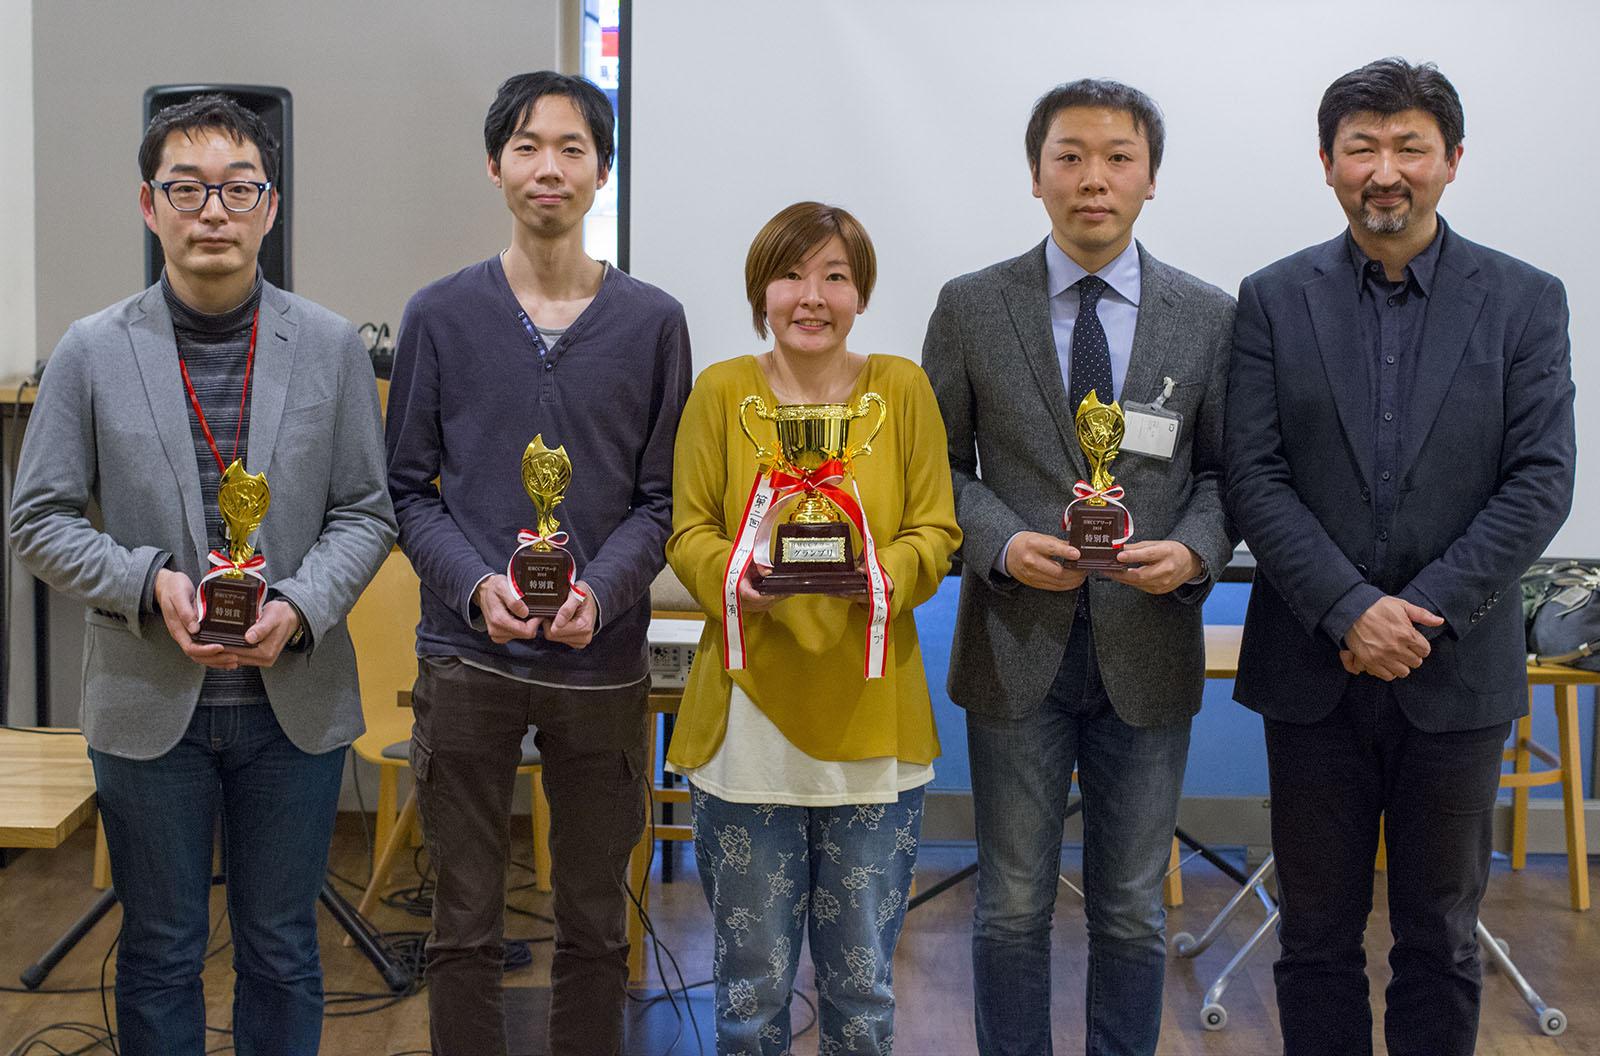 HMCC Award2016、グランプリはゲームドゥ有限会社の「コロロケの森 ぽいっと」(写真真ん中)、特別賞は株式会社INDETAILのGrowthCloud(写真右から2番目)、株式会社メディア・マジックのバスキタ!(写真左)、クリプトンフューチャーメディア株式会社の初音ミクVR(写真左から2番目)でした!